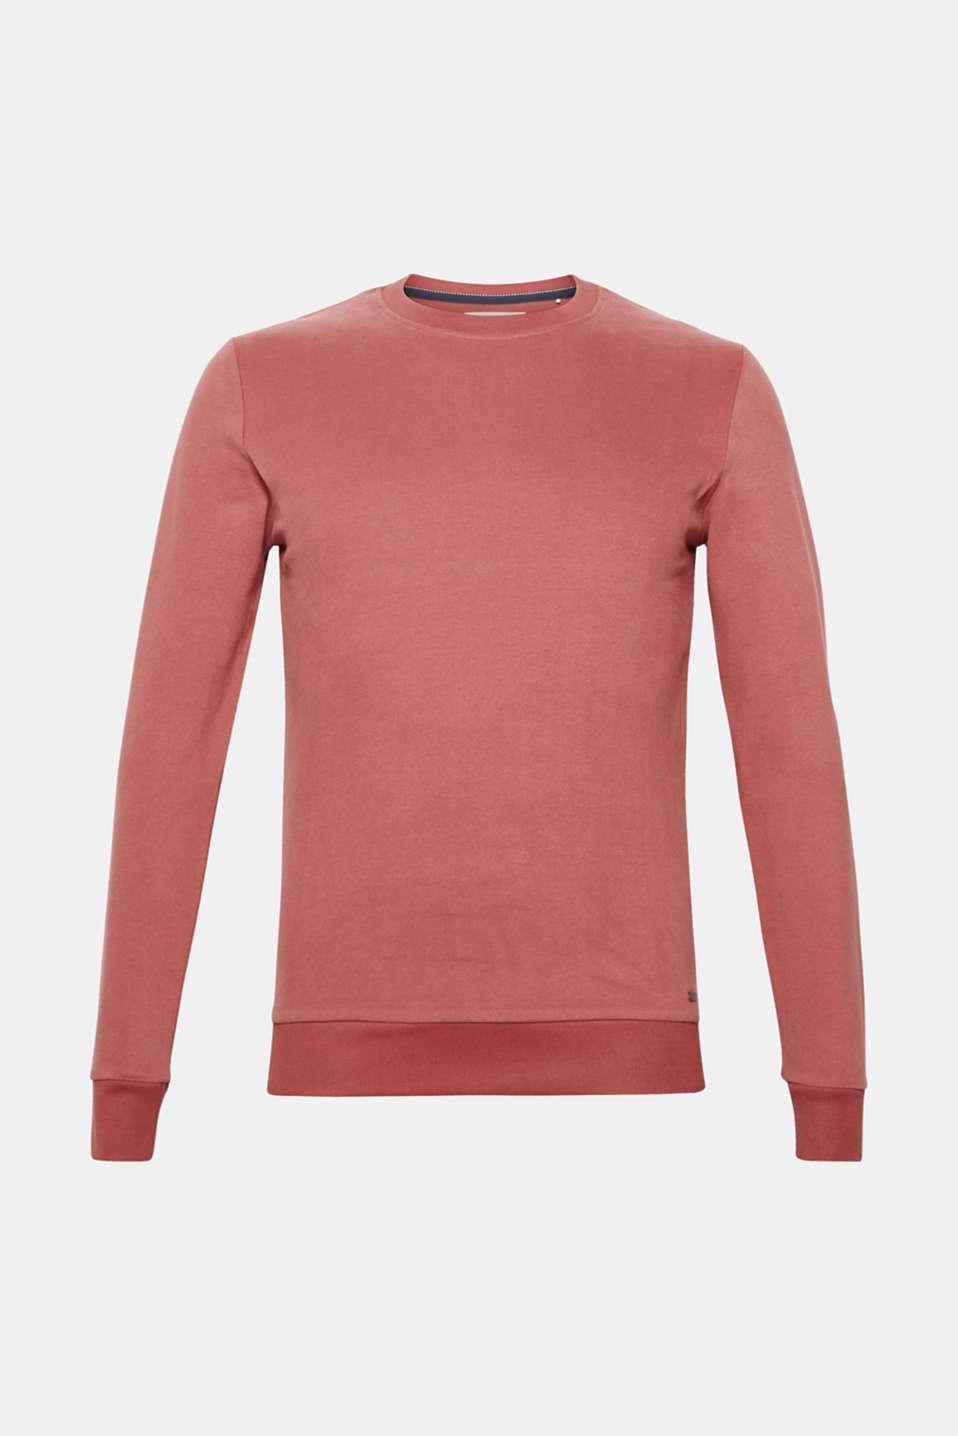 Sweatshirt in 100% cotton, BLUSH, detail image number 6